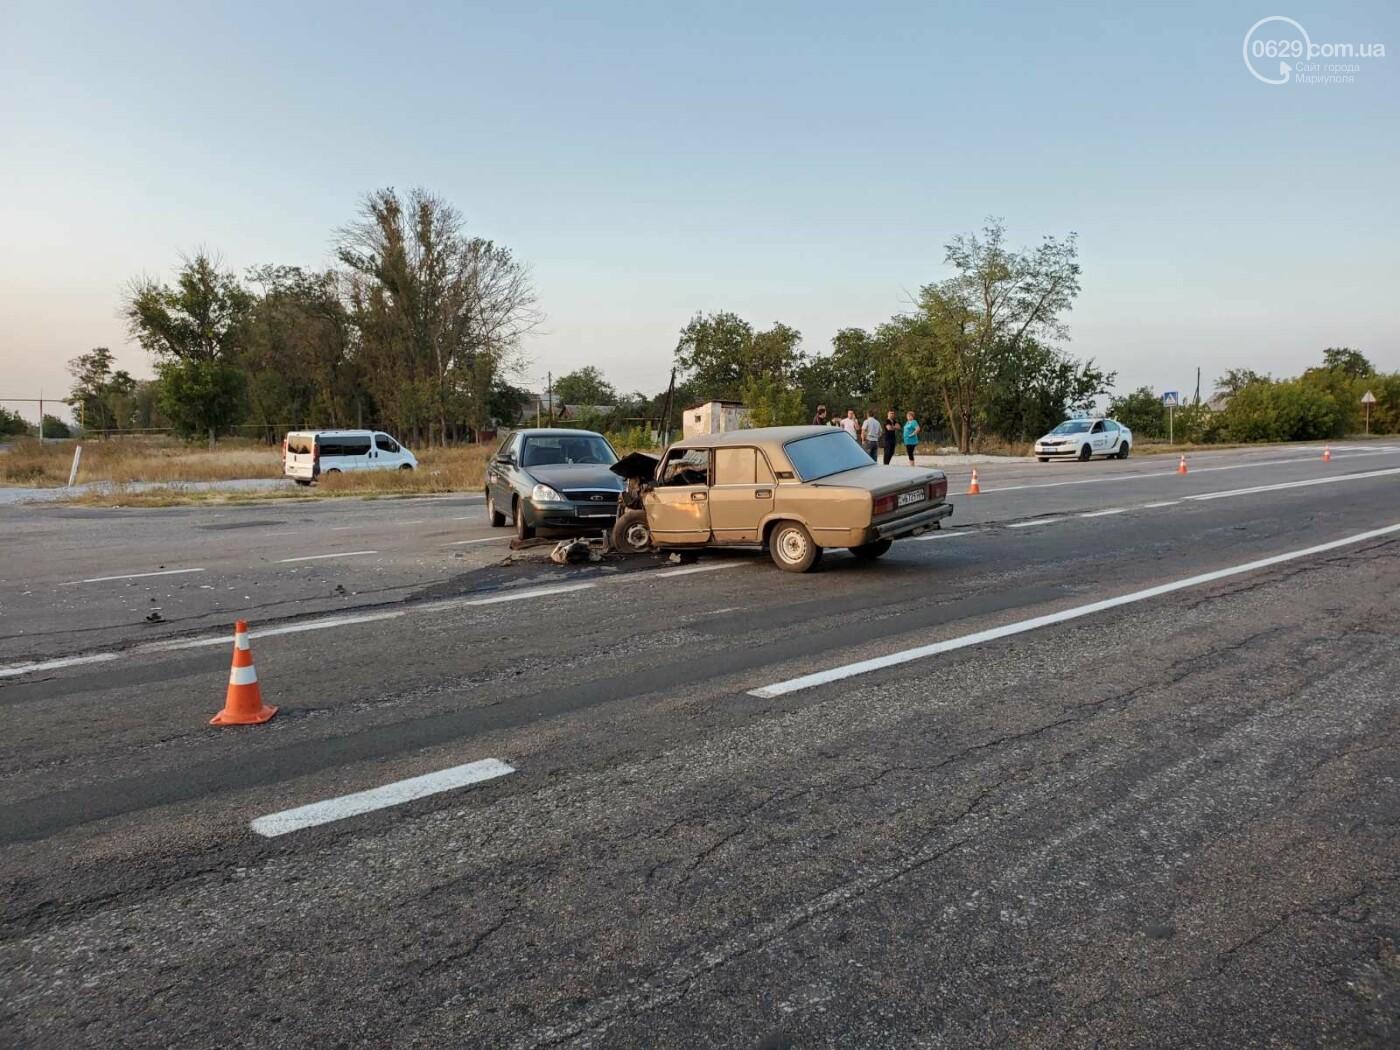 На трассе под Мариуполем «ВАЗ» протаранил «Lada Priora»,  - ФОТО, фото-5